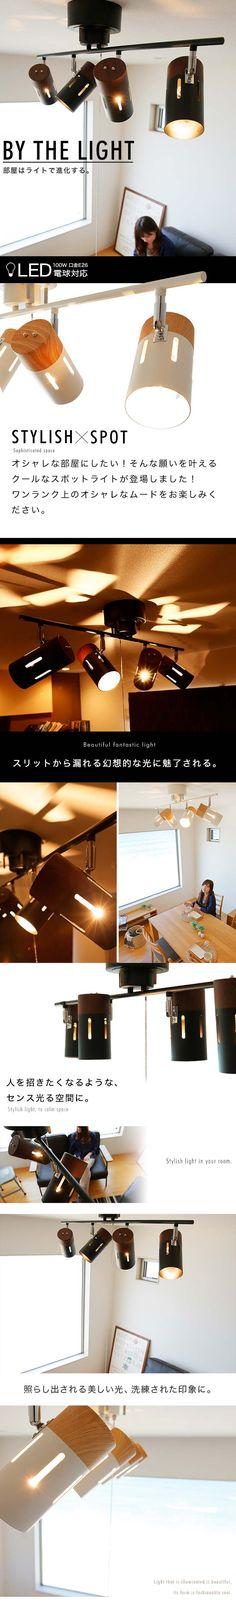 スポットライト ライト 4灯 LED 照明 天井 天井照明。スポットライト シーリングライト 4灯 LED電球対応 照明 天井 天井照明 スポット ライト シーリング LED おしゃれ 間接照明 スチール モダン リビング 送料無料 送料込